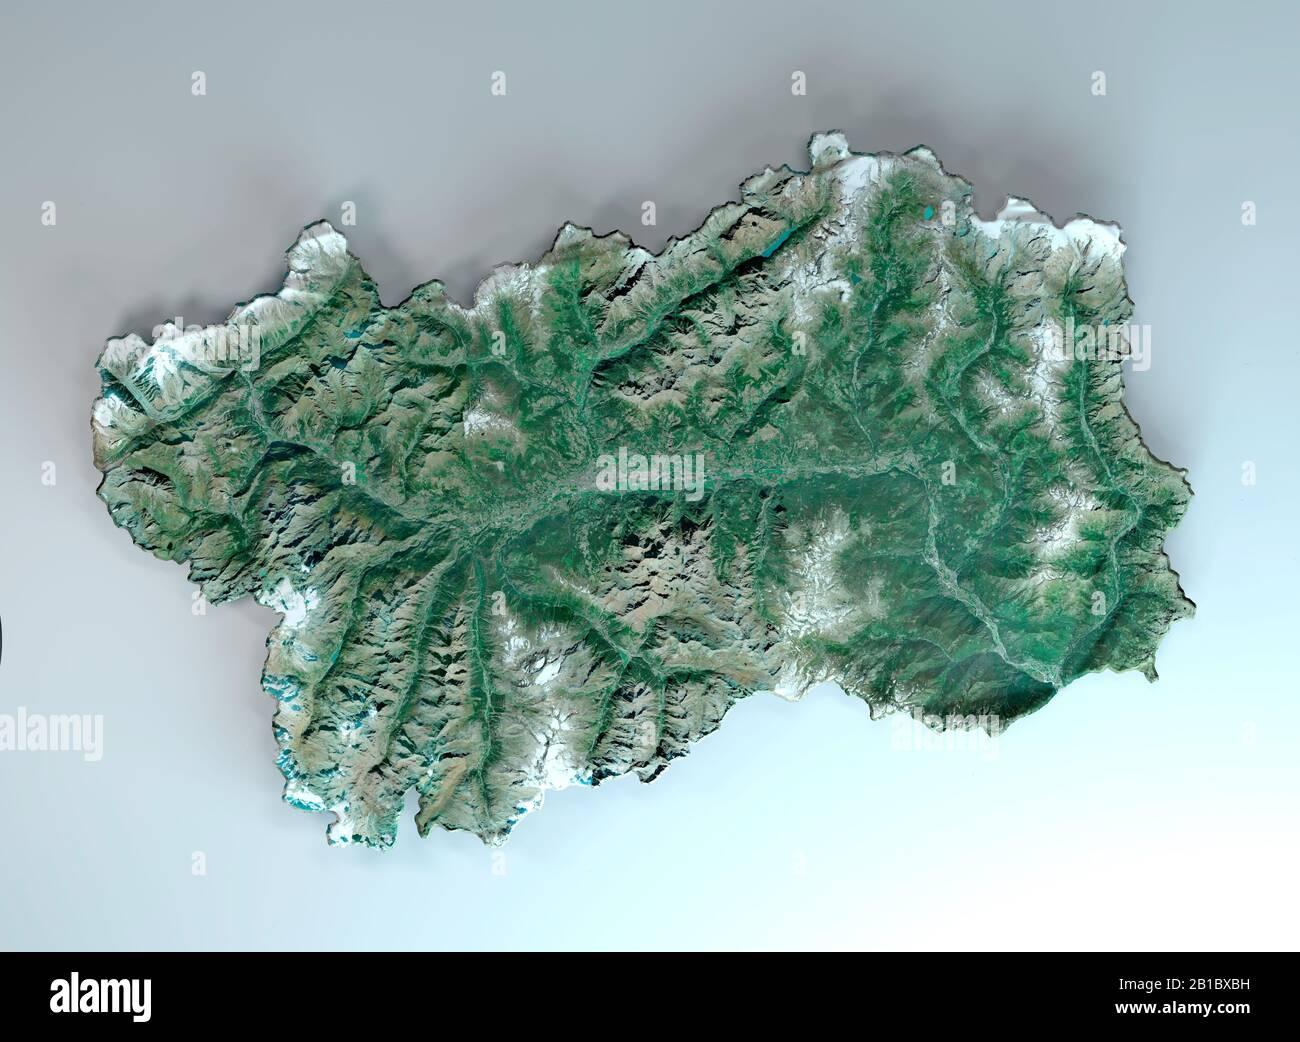 Cartina Fiumi Valle D Aosta.Vista Satellitare Della Valle D Aosta Italia Rendering 3d Mappa Fisica Della Valle D Aosta Pianure Montagne Laghi Montagne Delle Alpi Foto Stock Alamy